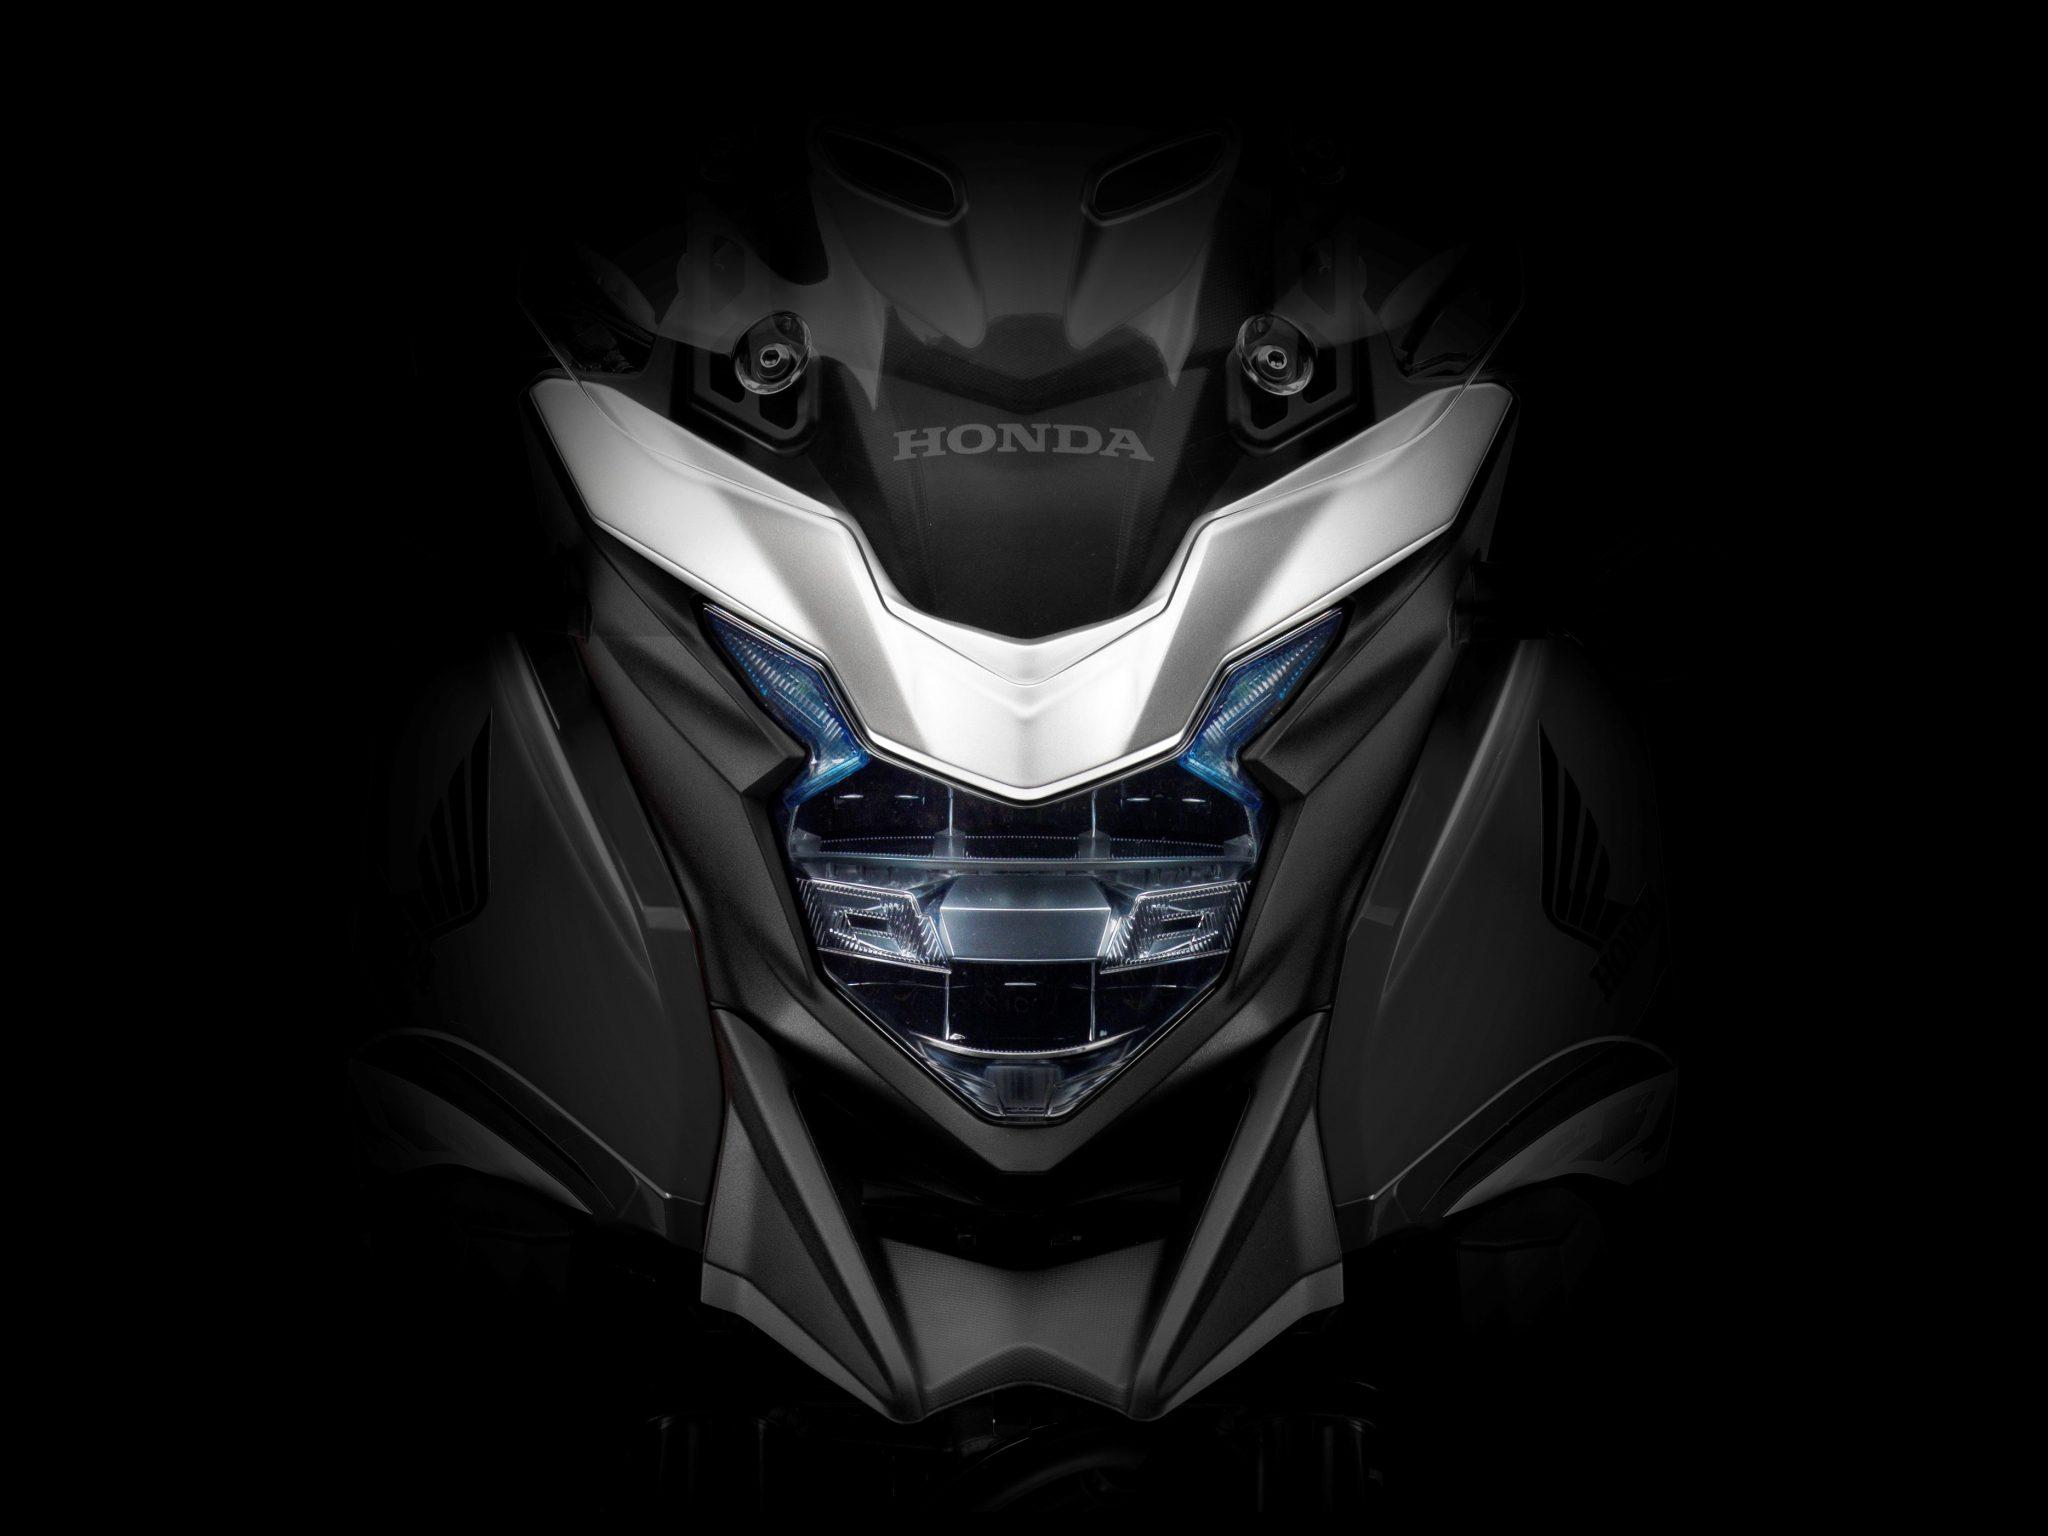 Vernieuwde 'X' modellen bij Honda!